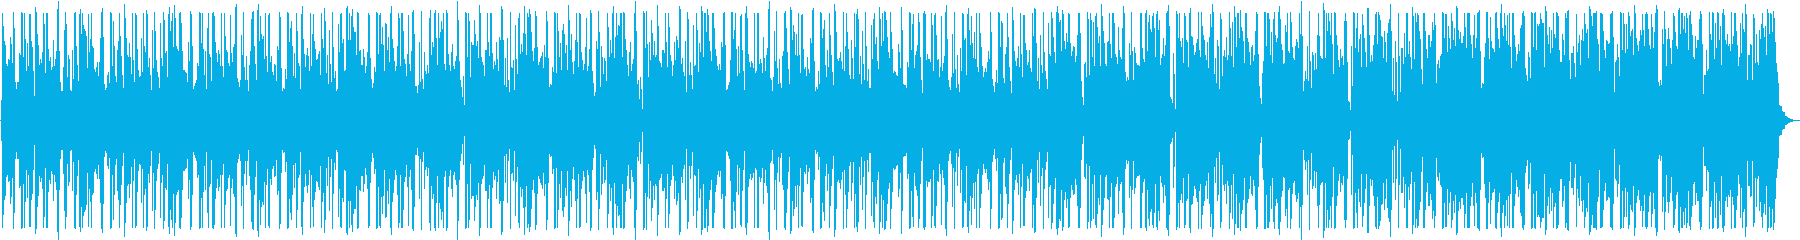 ハードボイルドなBGM_No584_1の再生済みの波形